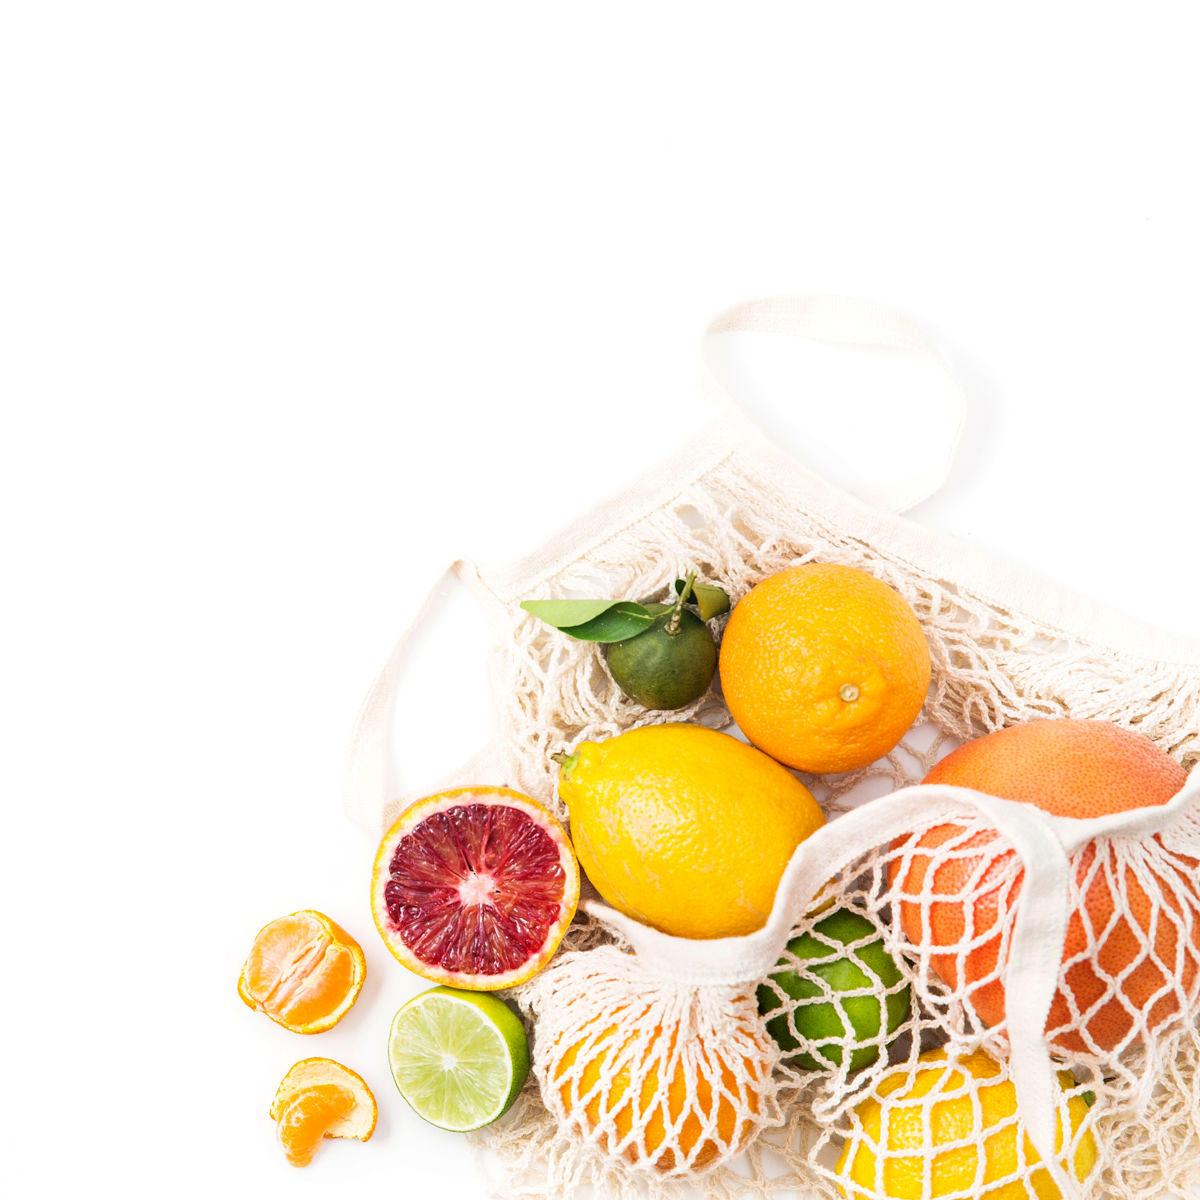 socialsquares_citrus001.JPG